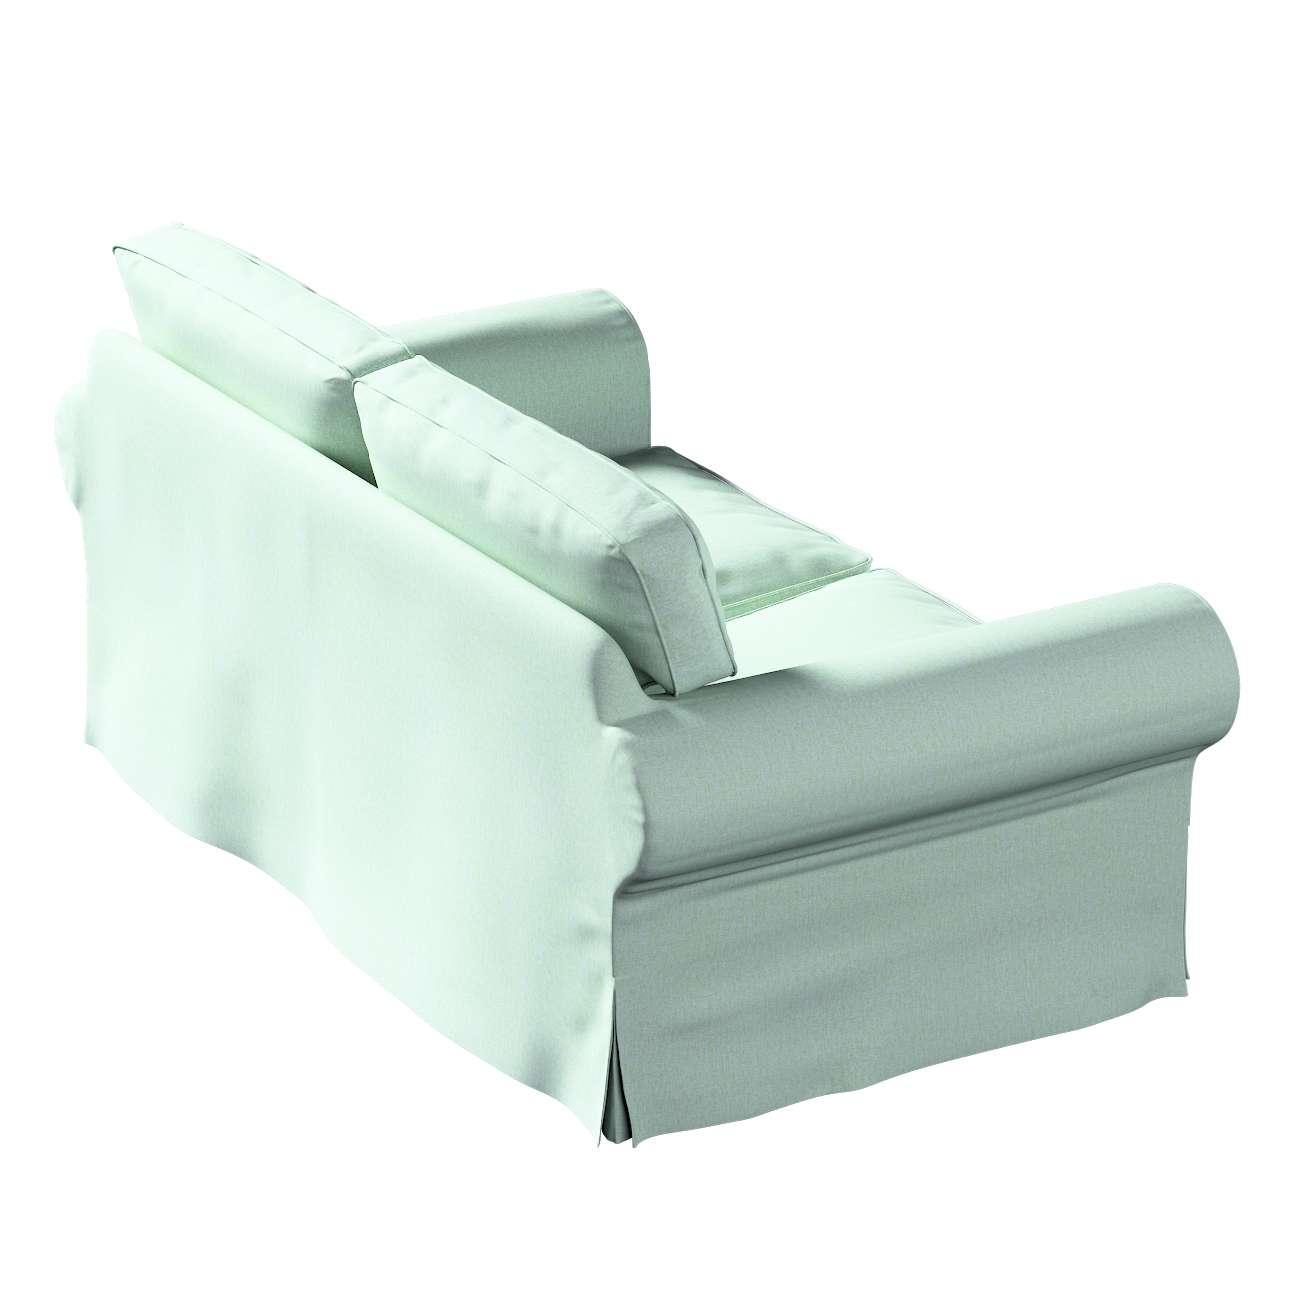 Pokrowiec na sofę Ektorp 2-osobową, rozkładaną, model do 2012 w kolekcji Living, tkanina: 161-61